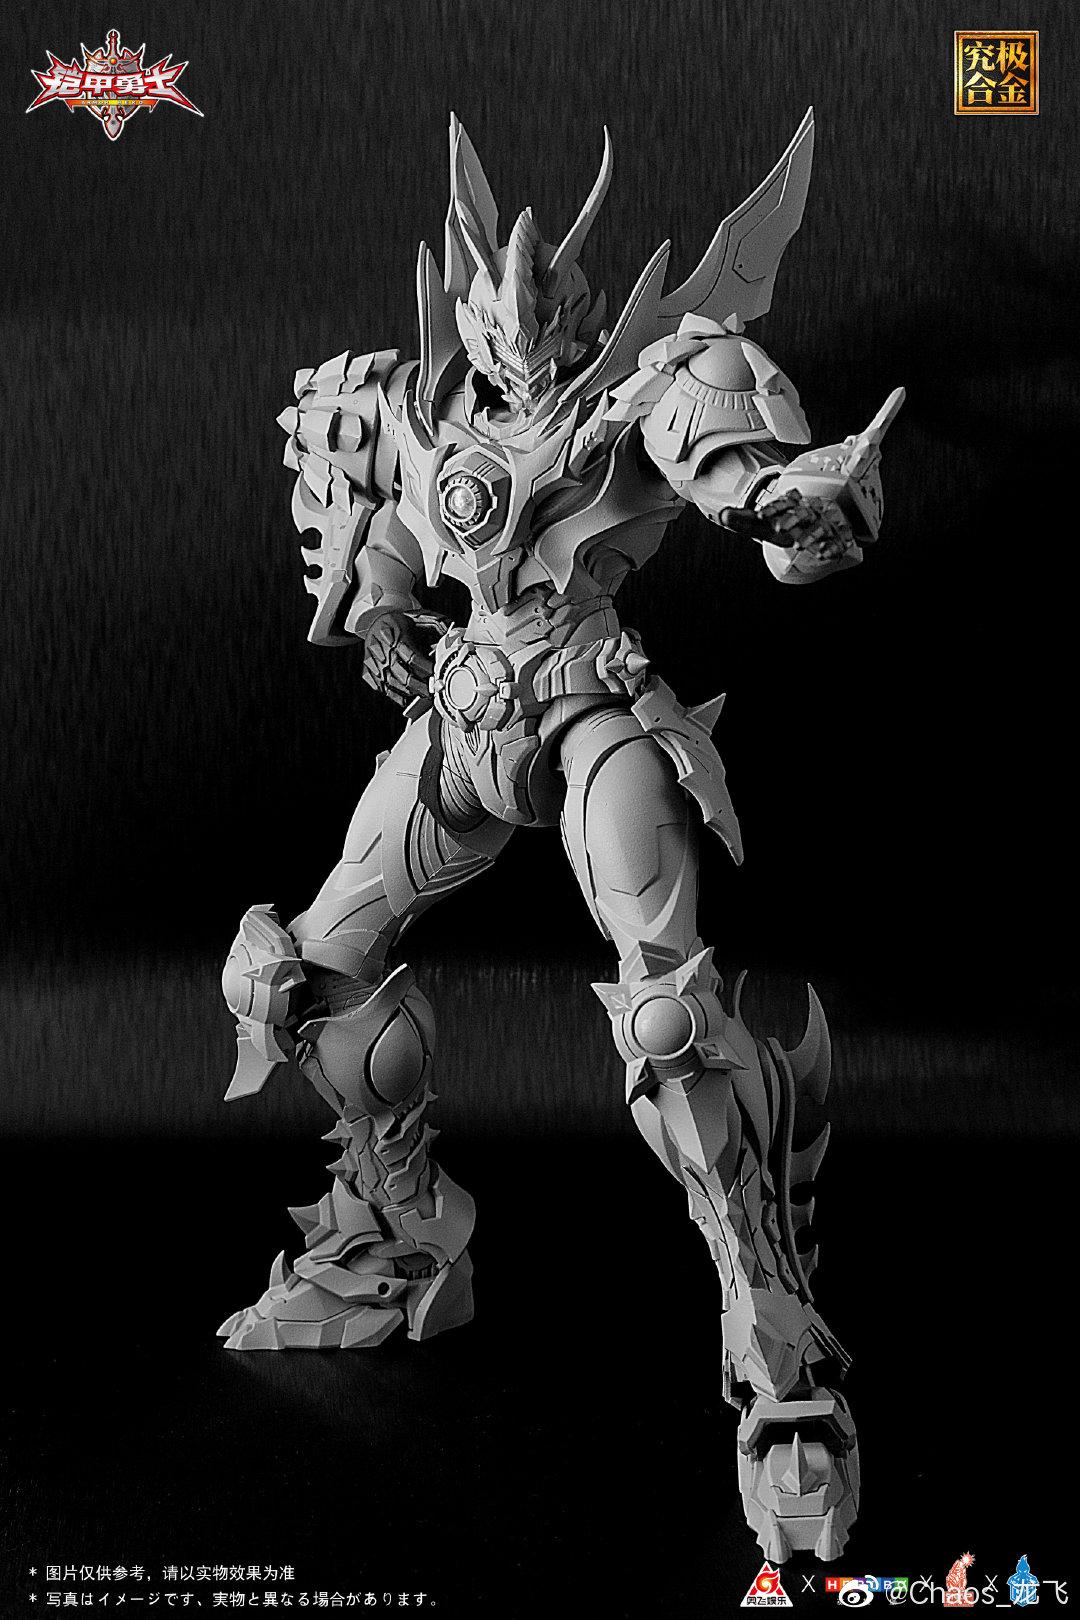 S536_snap_Armor_hero_Emperor_enryu_003.jpg